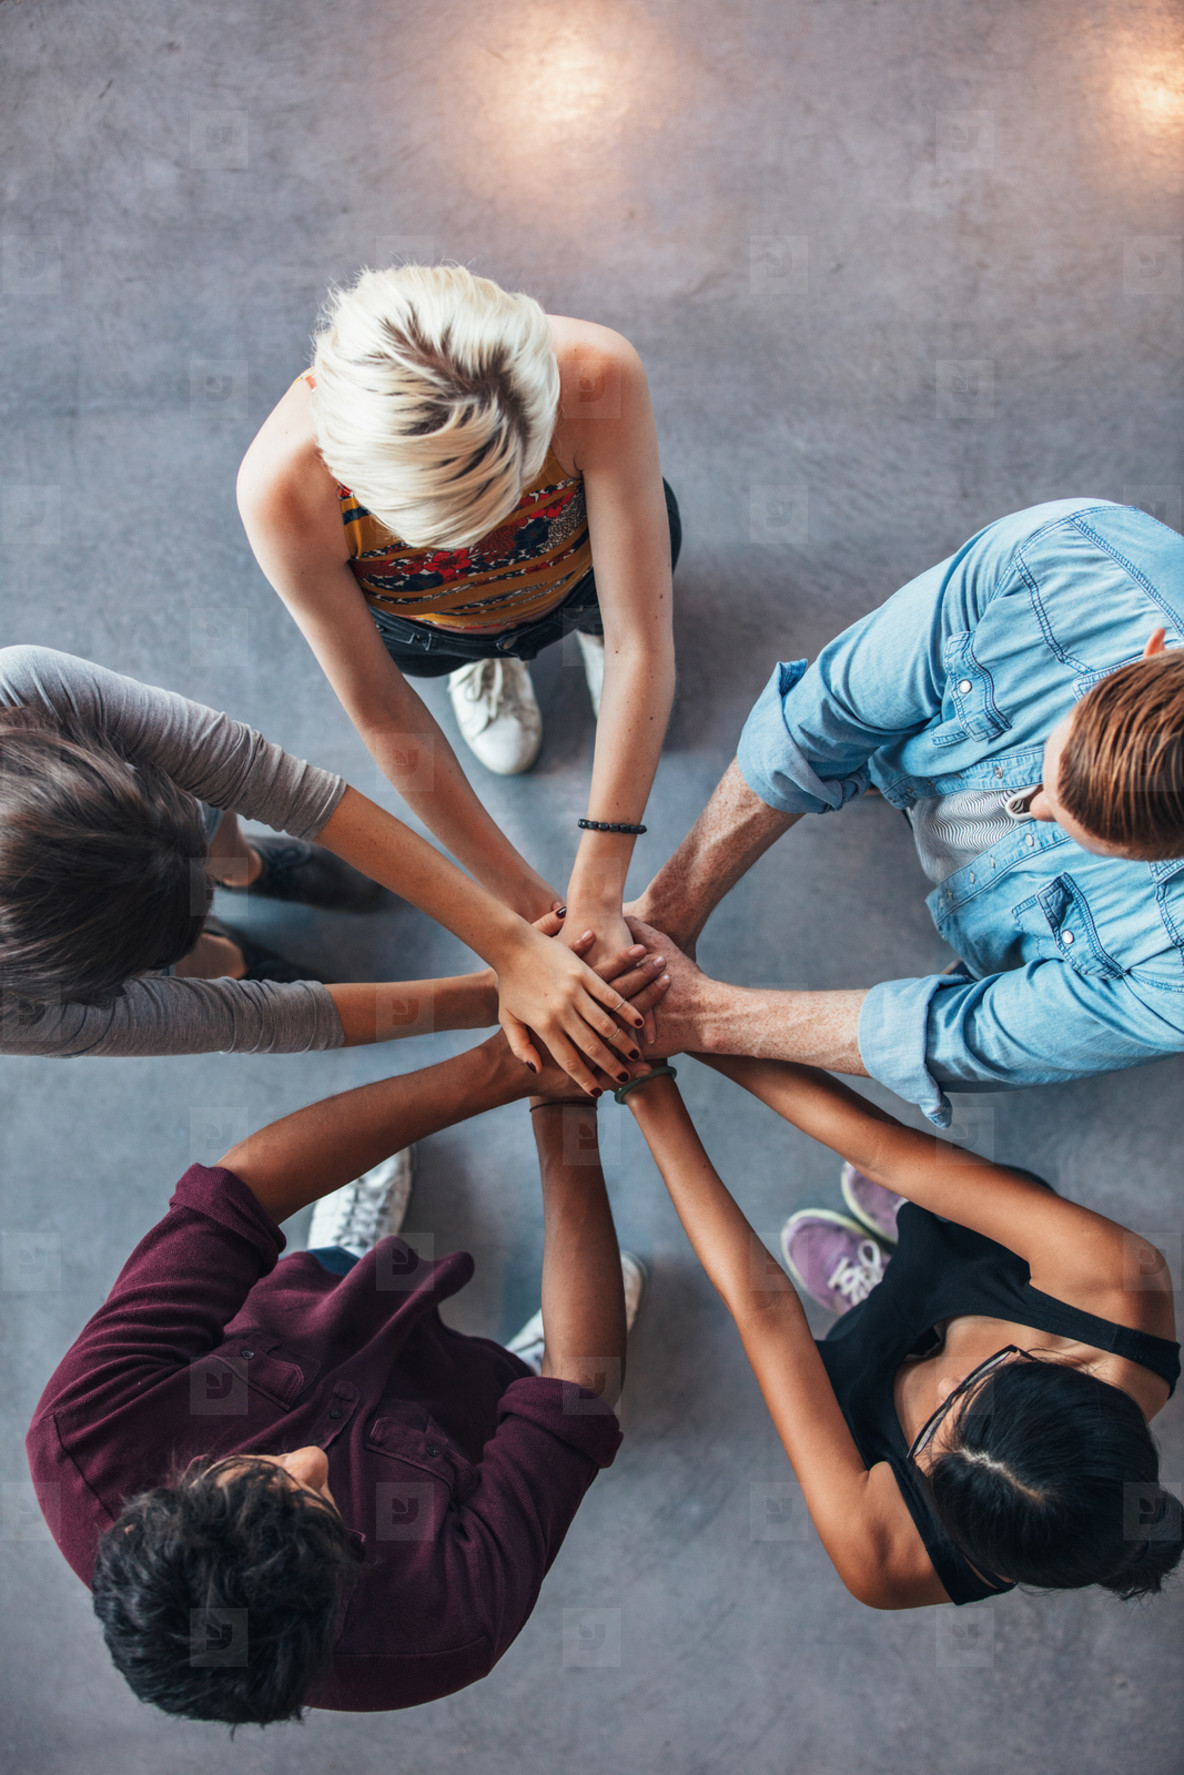 Symbolizing unity and teamwork